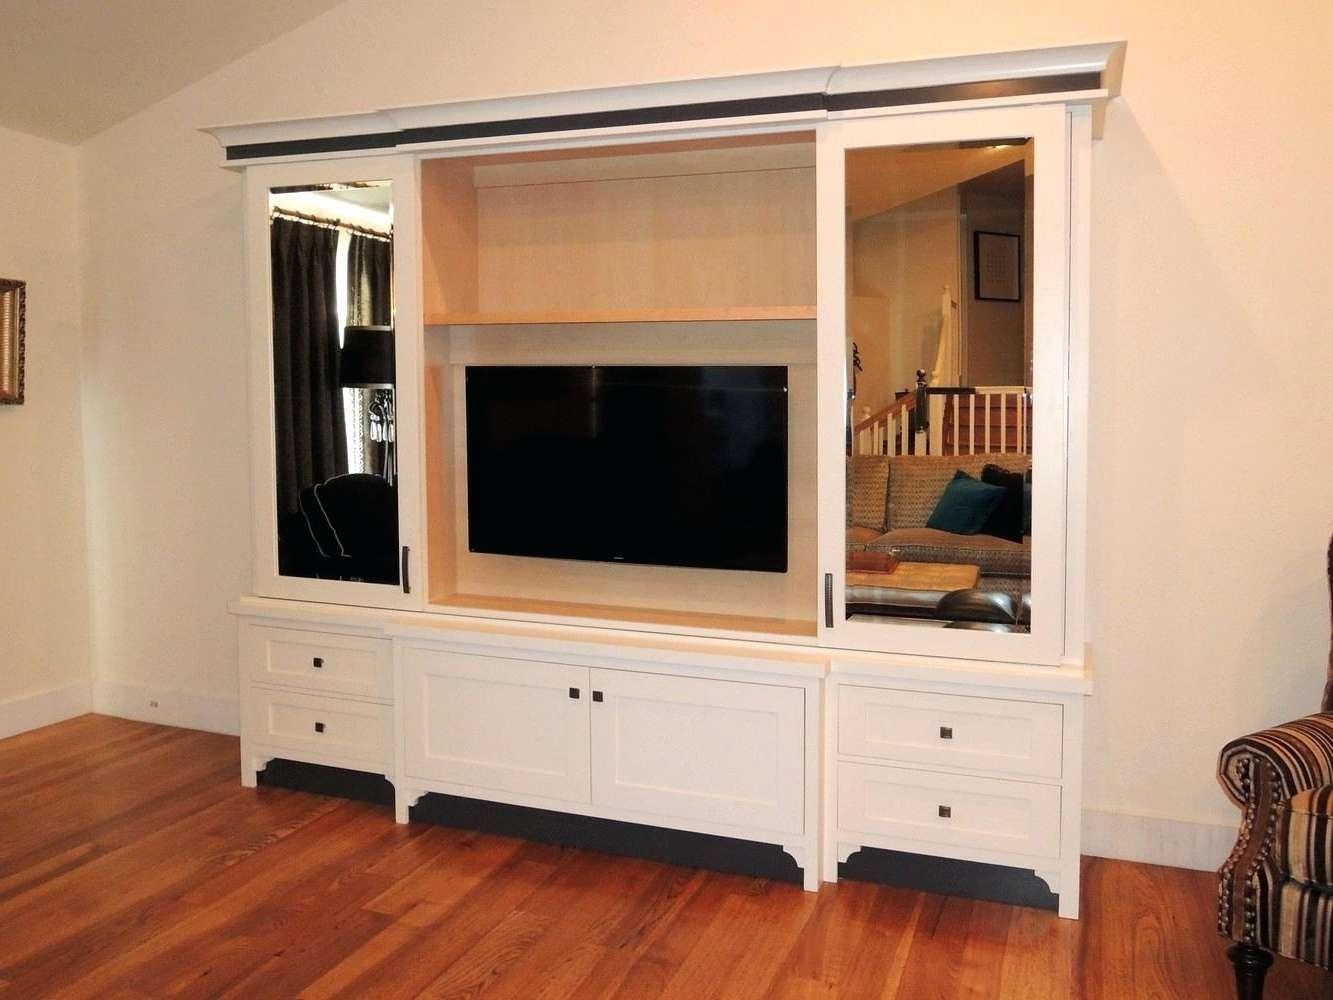 Enclosed Corner Tv Cabinet With Doors Terrific Enclosed Tv Intended For Enclosed Tv Cabinets With Doors (Gallery 18 of 20)